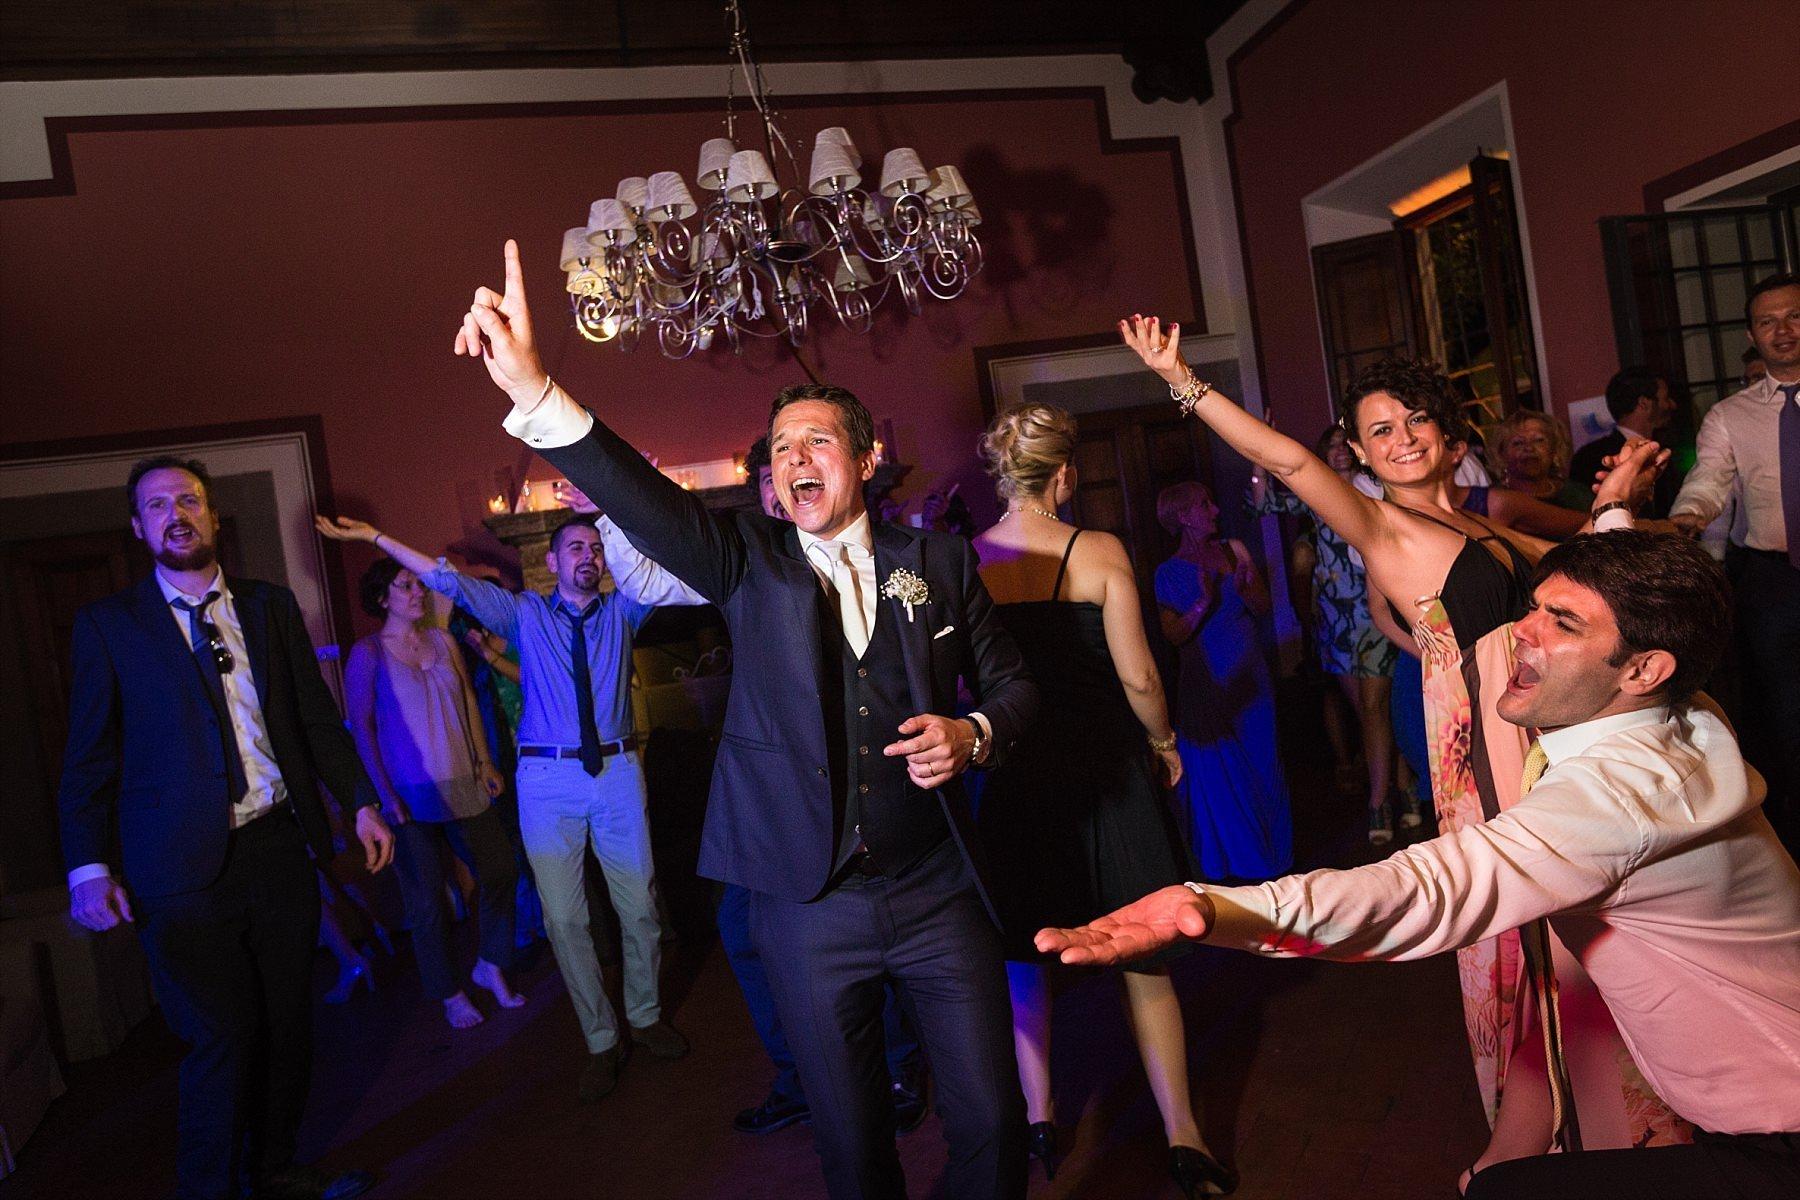 Invitati che ballano al matrimonio durante la festa